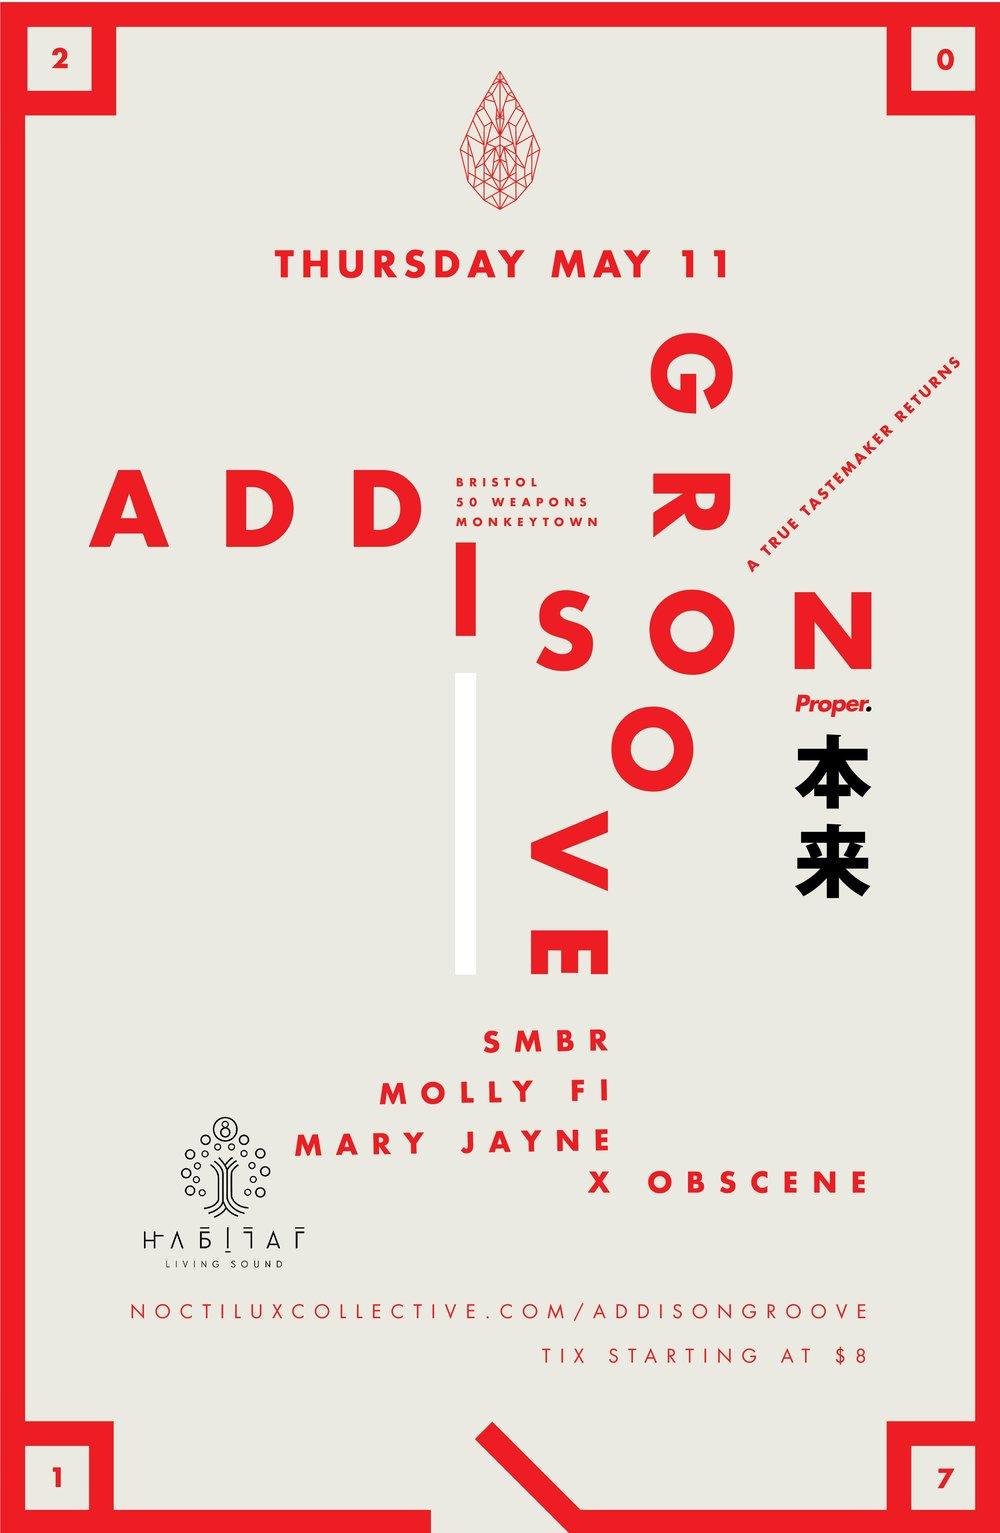 addison-groove-habitat-2017.jpeg